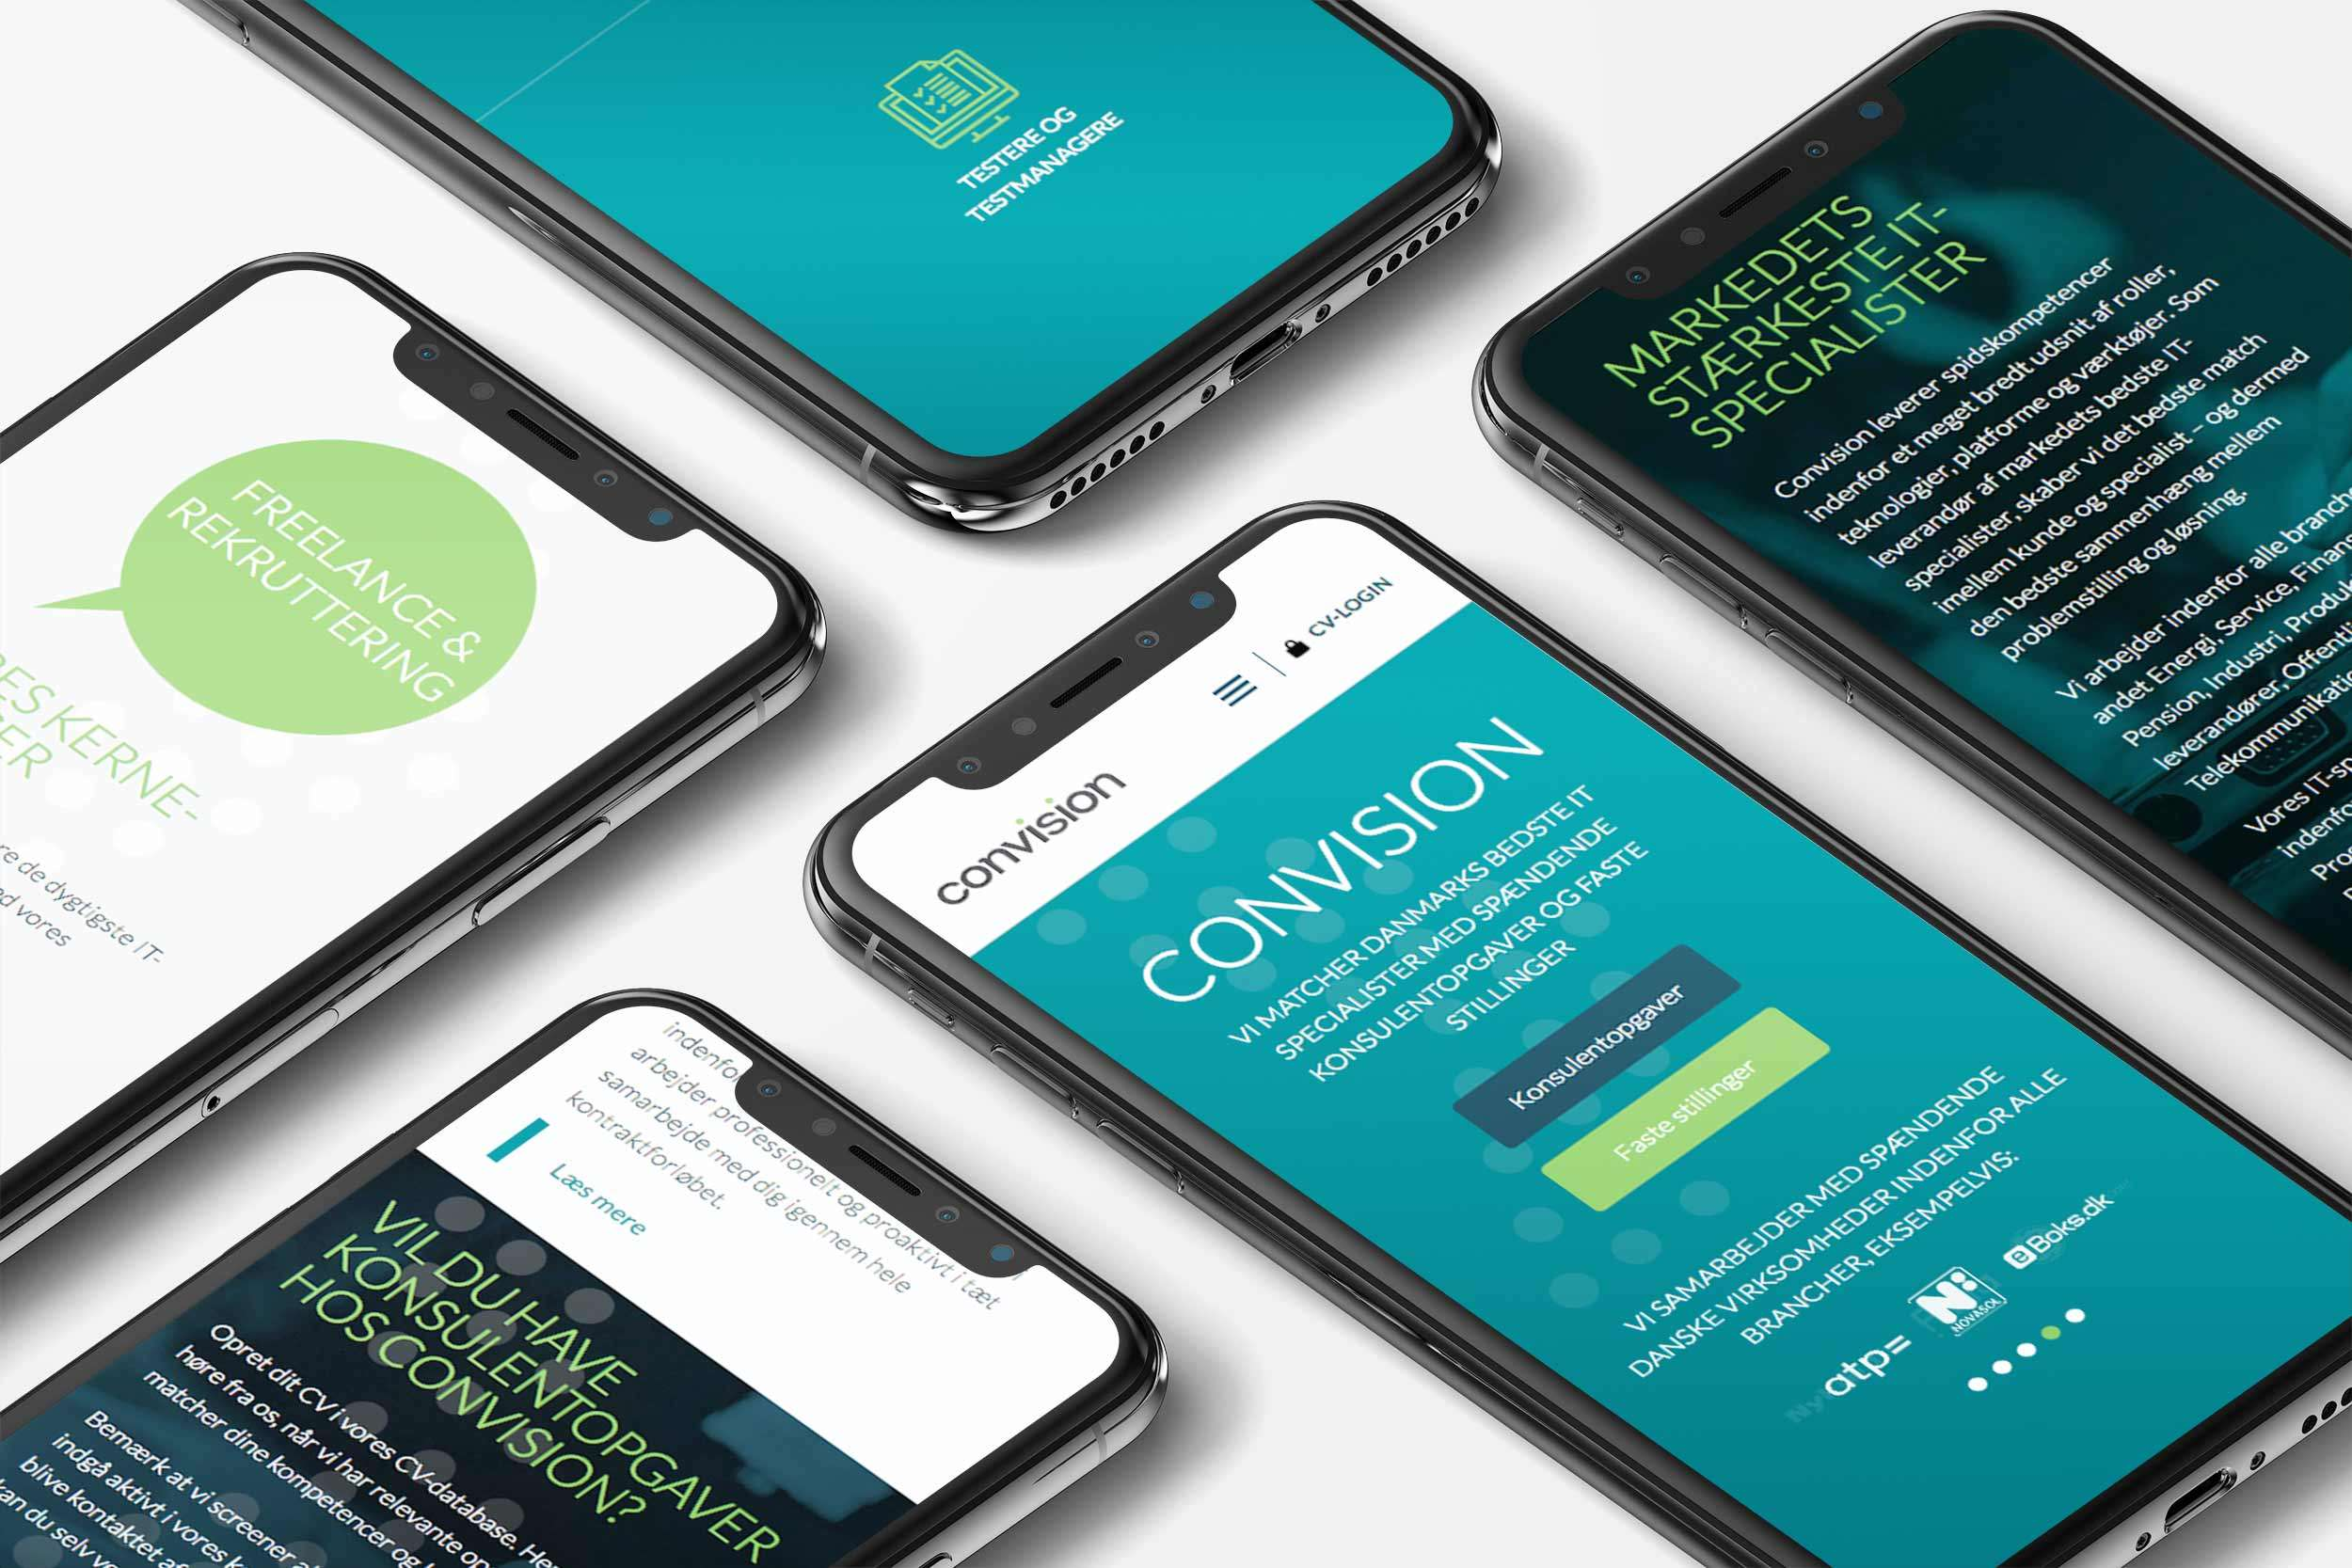 Convision iPhoneX website